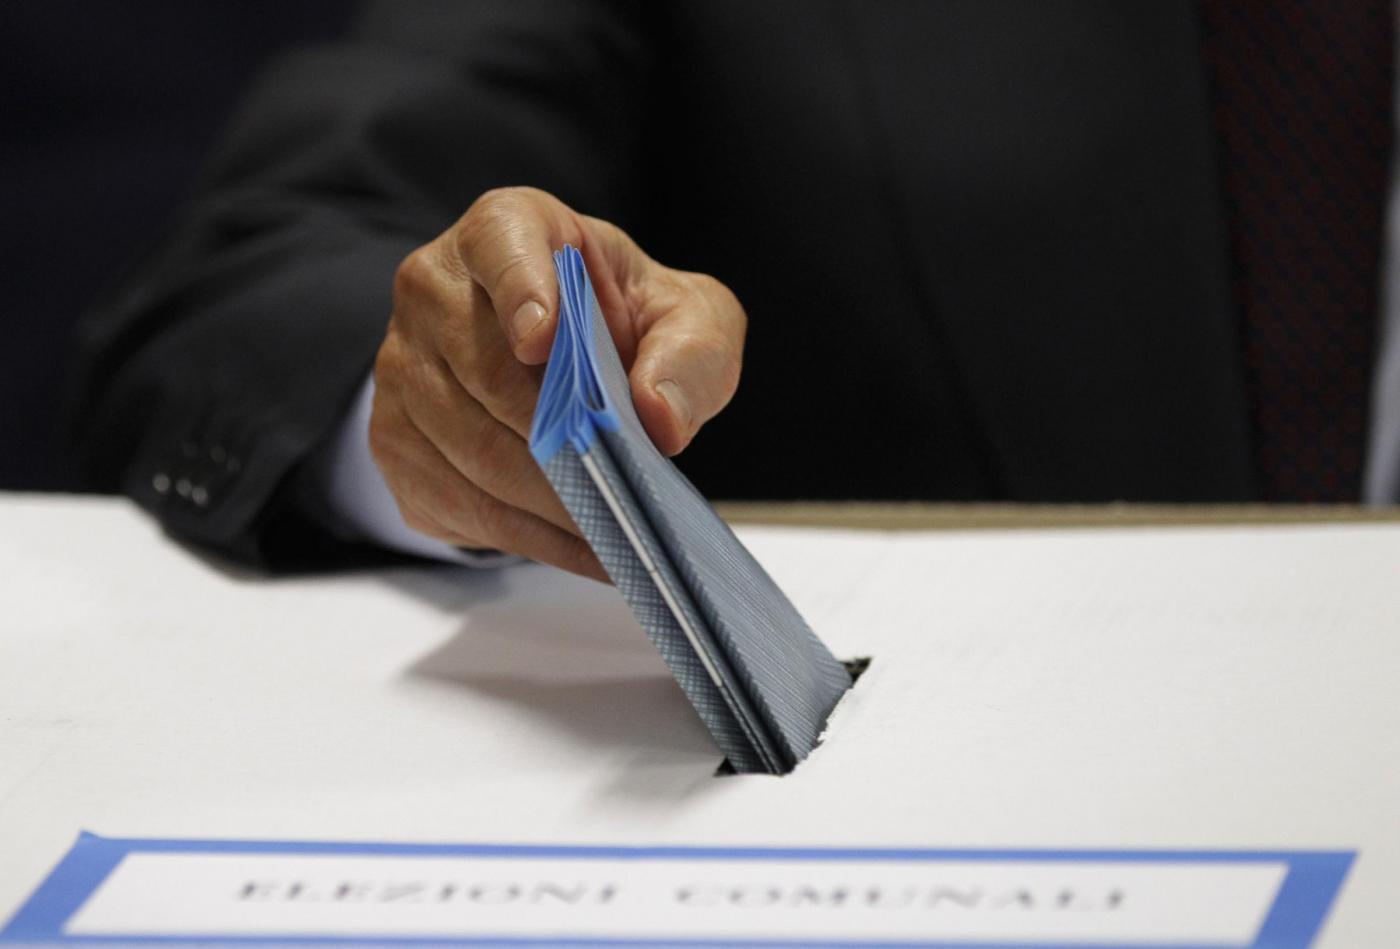 Risultati delle Elezioni Comunali 2016: ballottaggi a Roma, Milano, Napoli e Torino